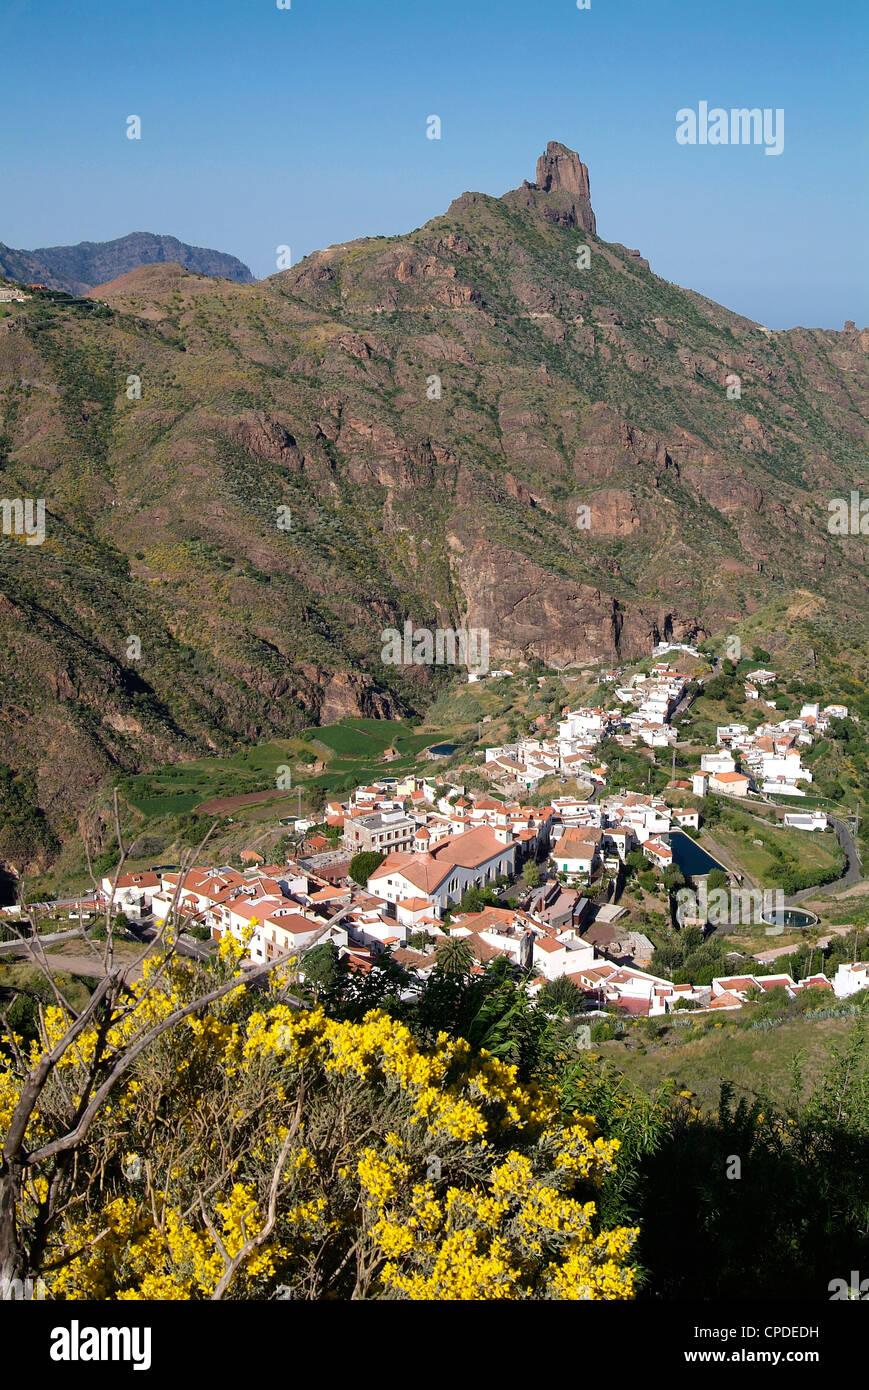 Tejeda und Roque Nublo, Gran Canaria, Kanarische Inseln, Spanien, Europa Stockbild